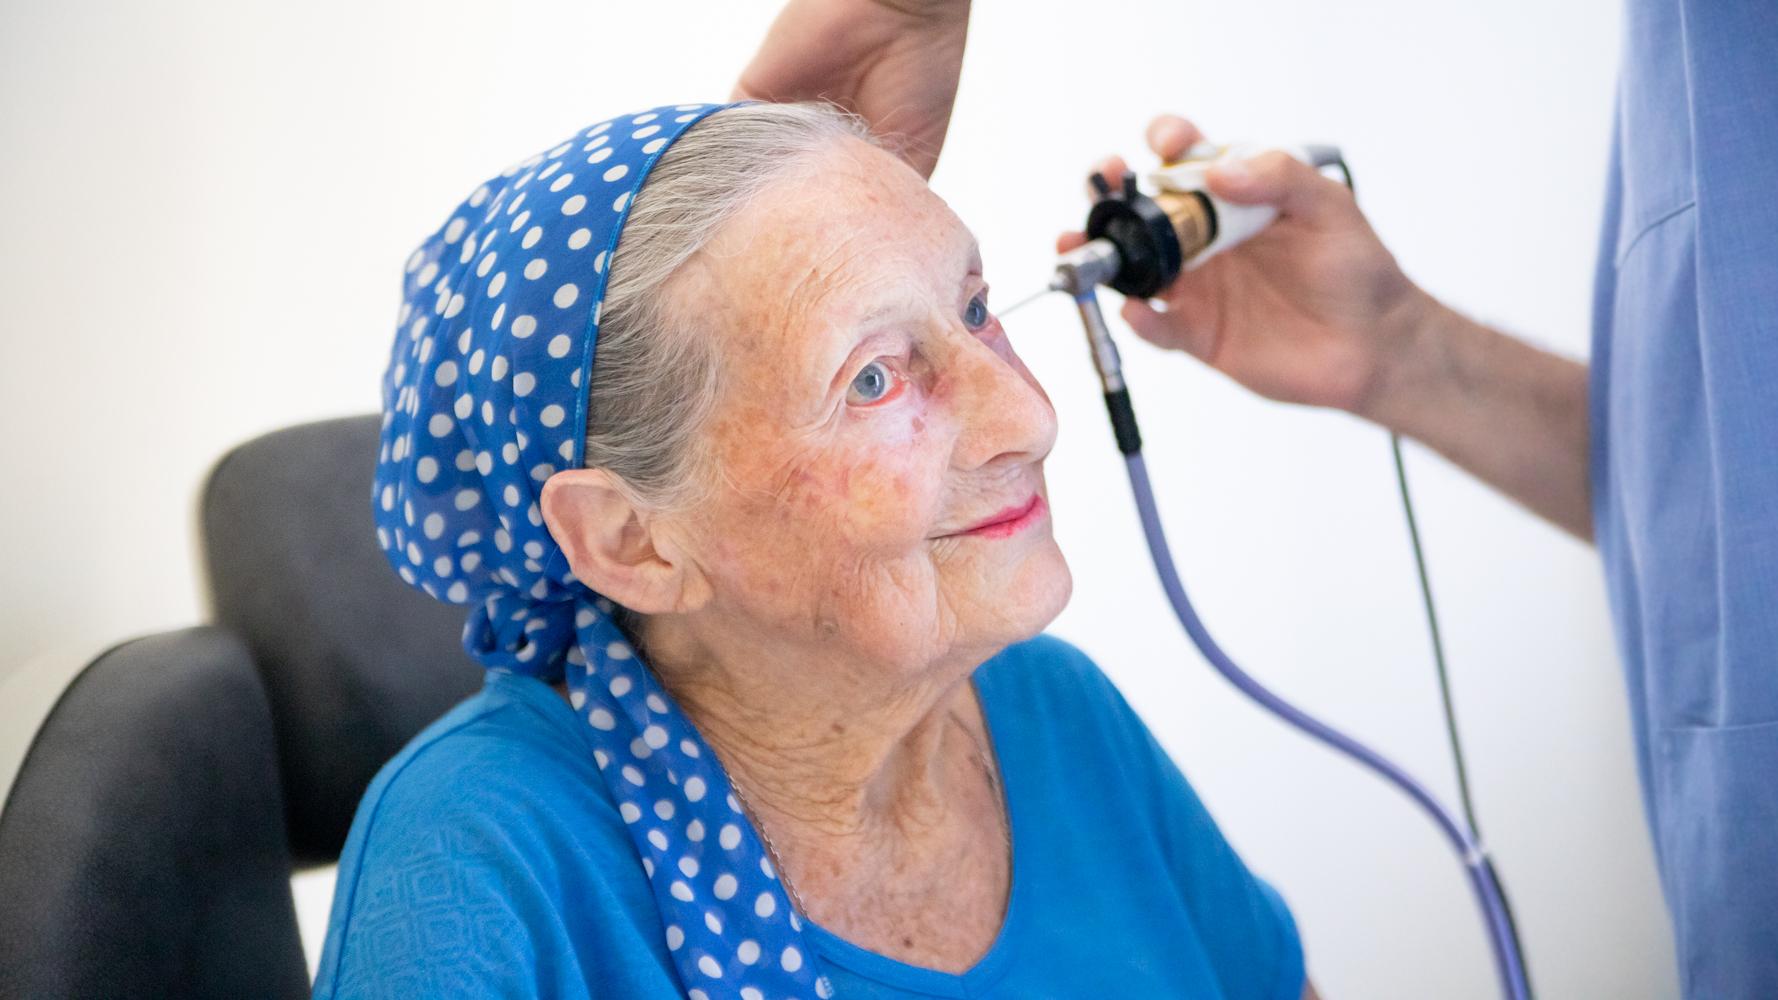 Шум в ушах: причины и методы лечения